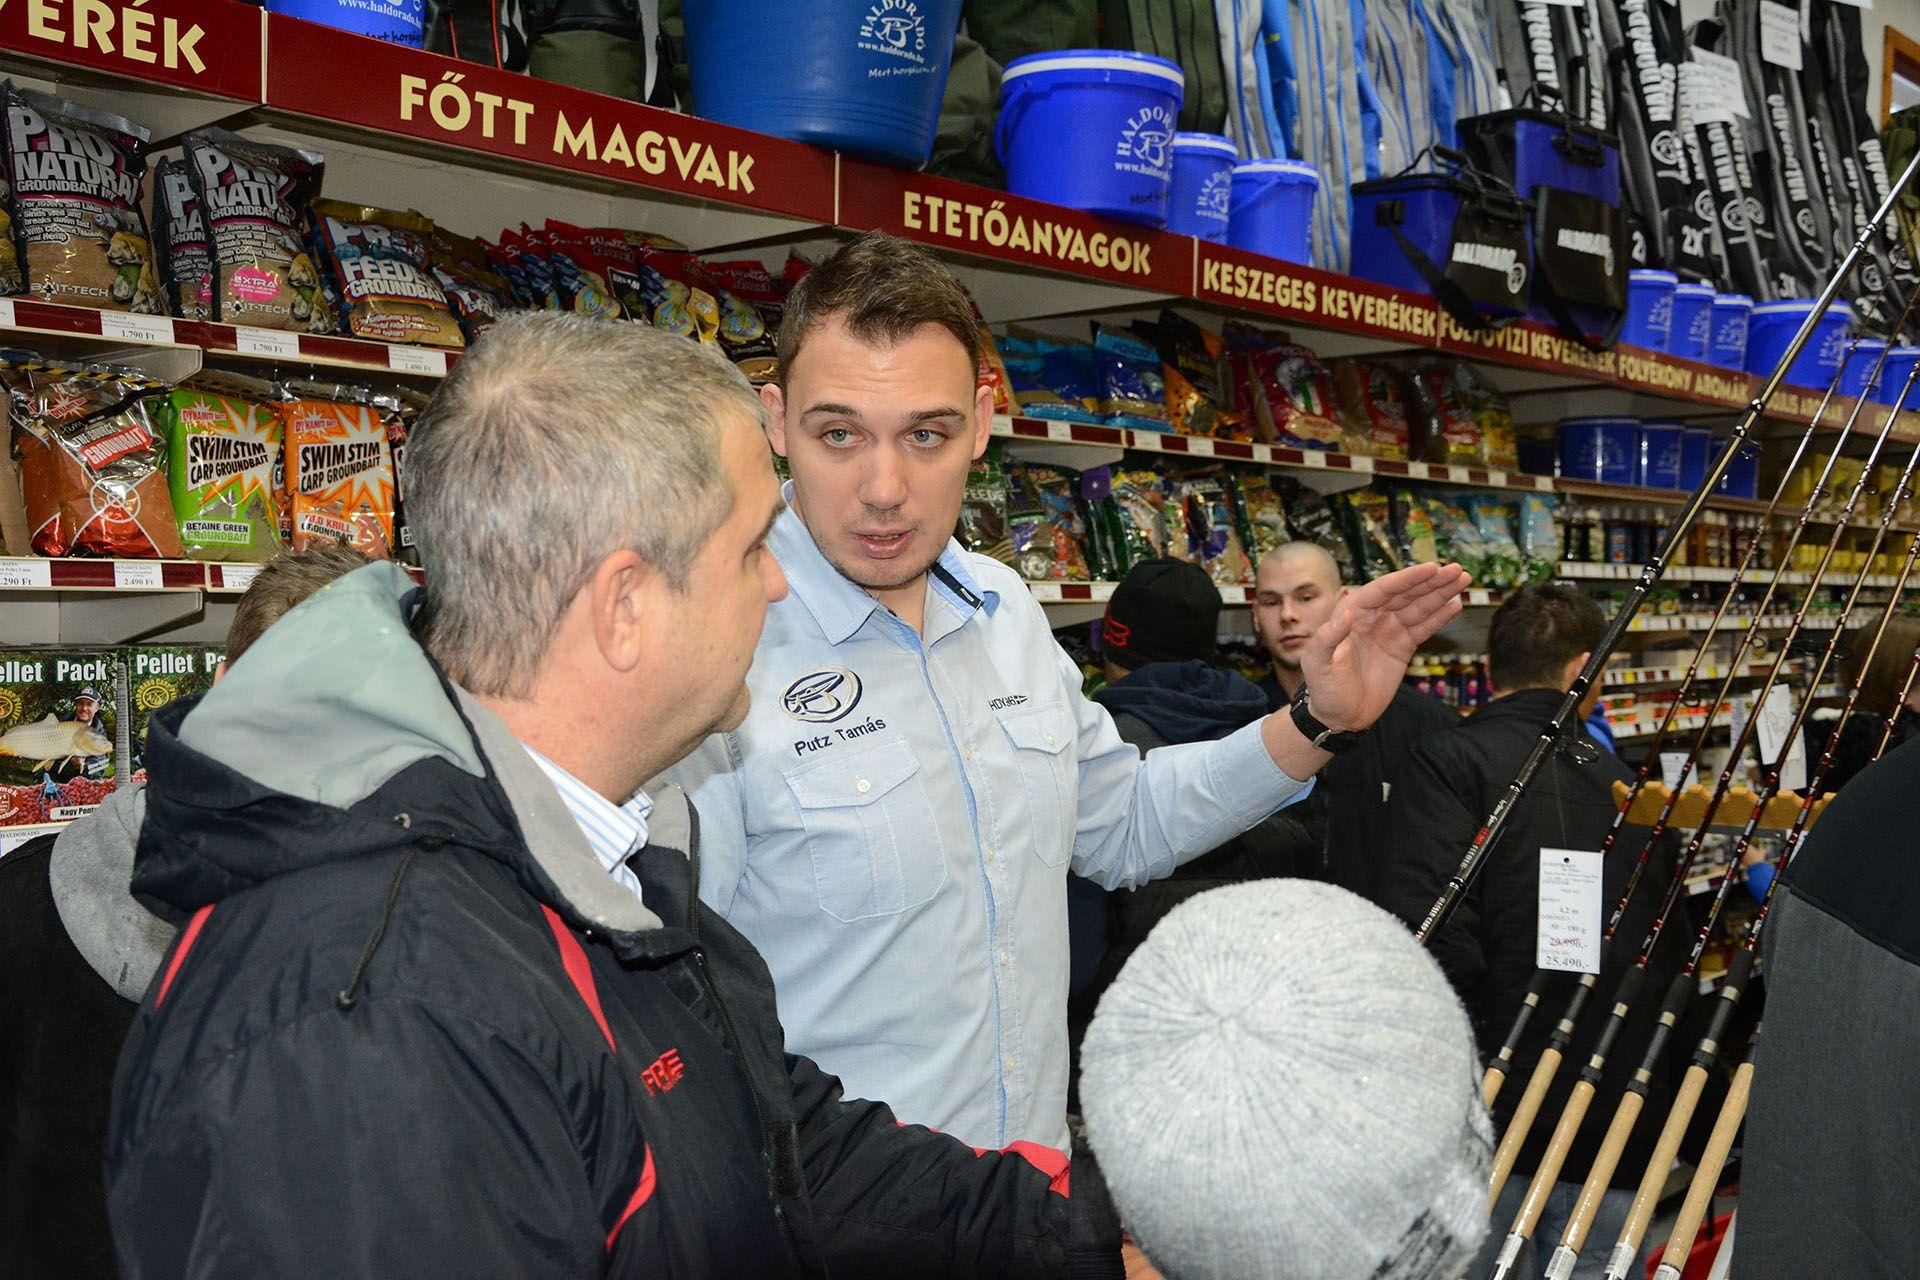 Putz Tamás feeder botok választása során segít tanácsaival